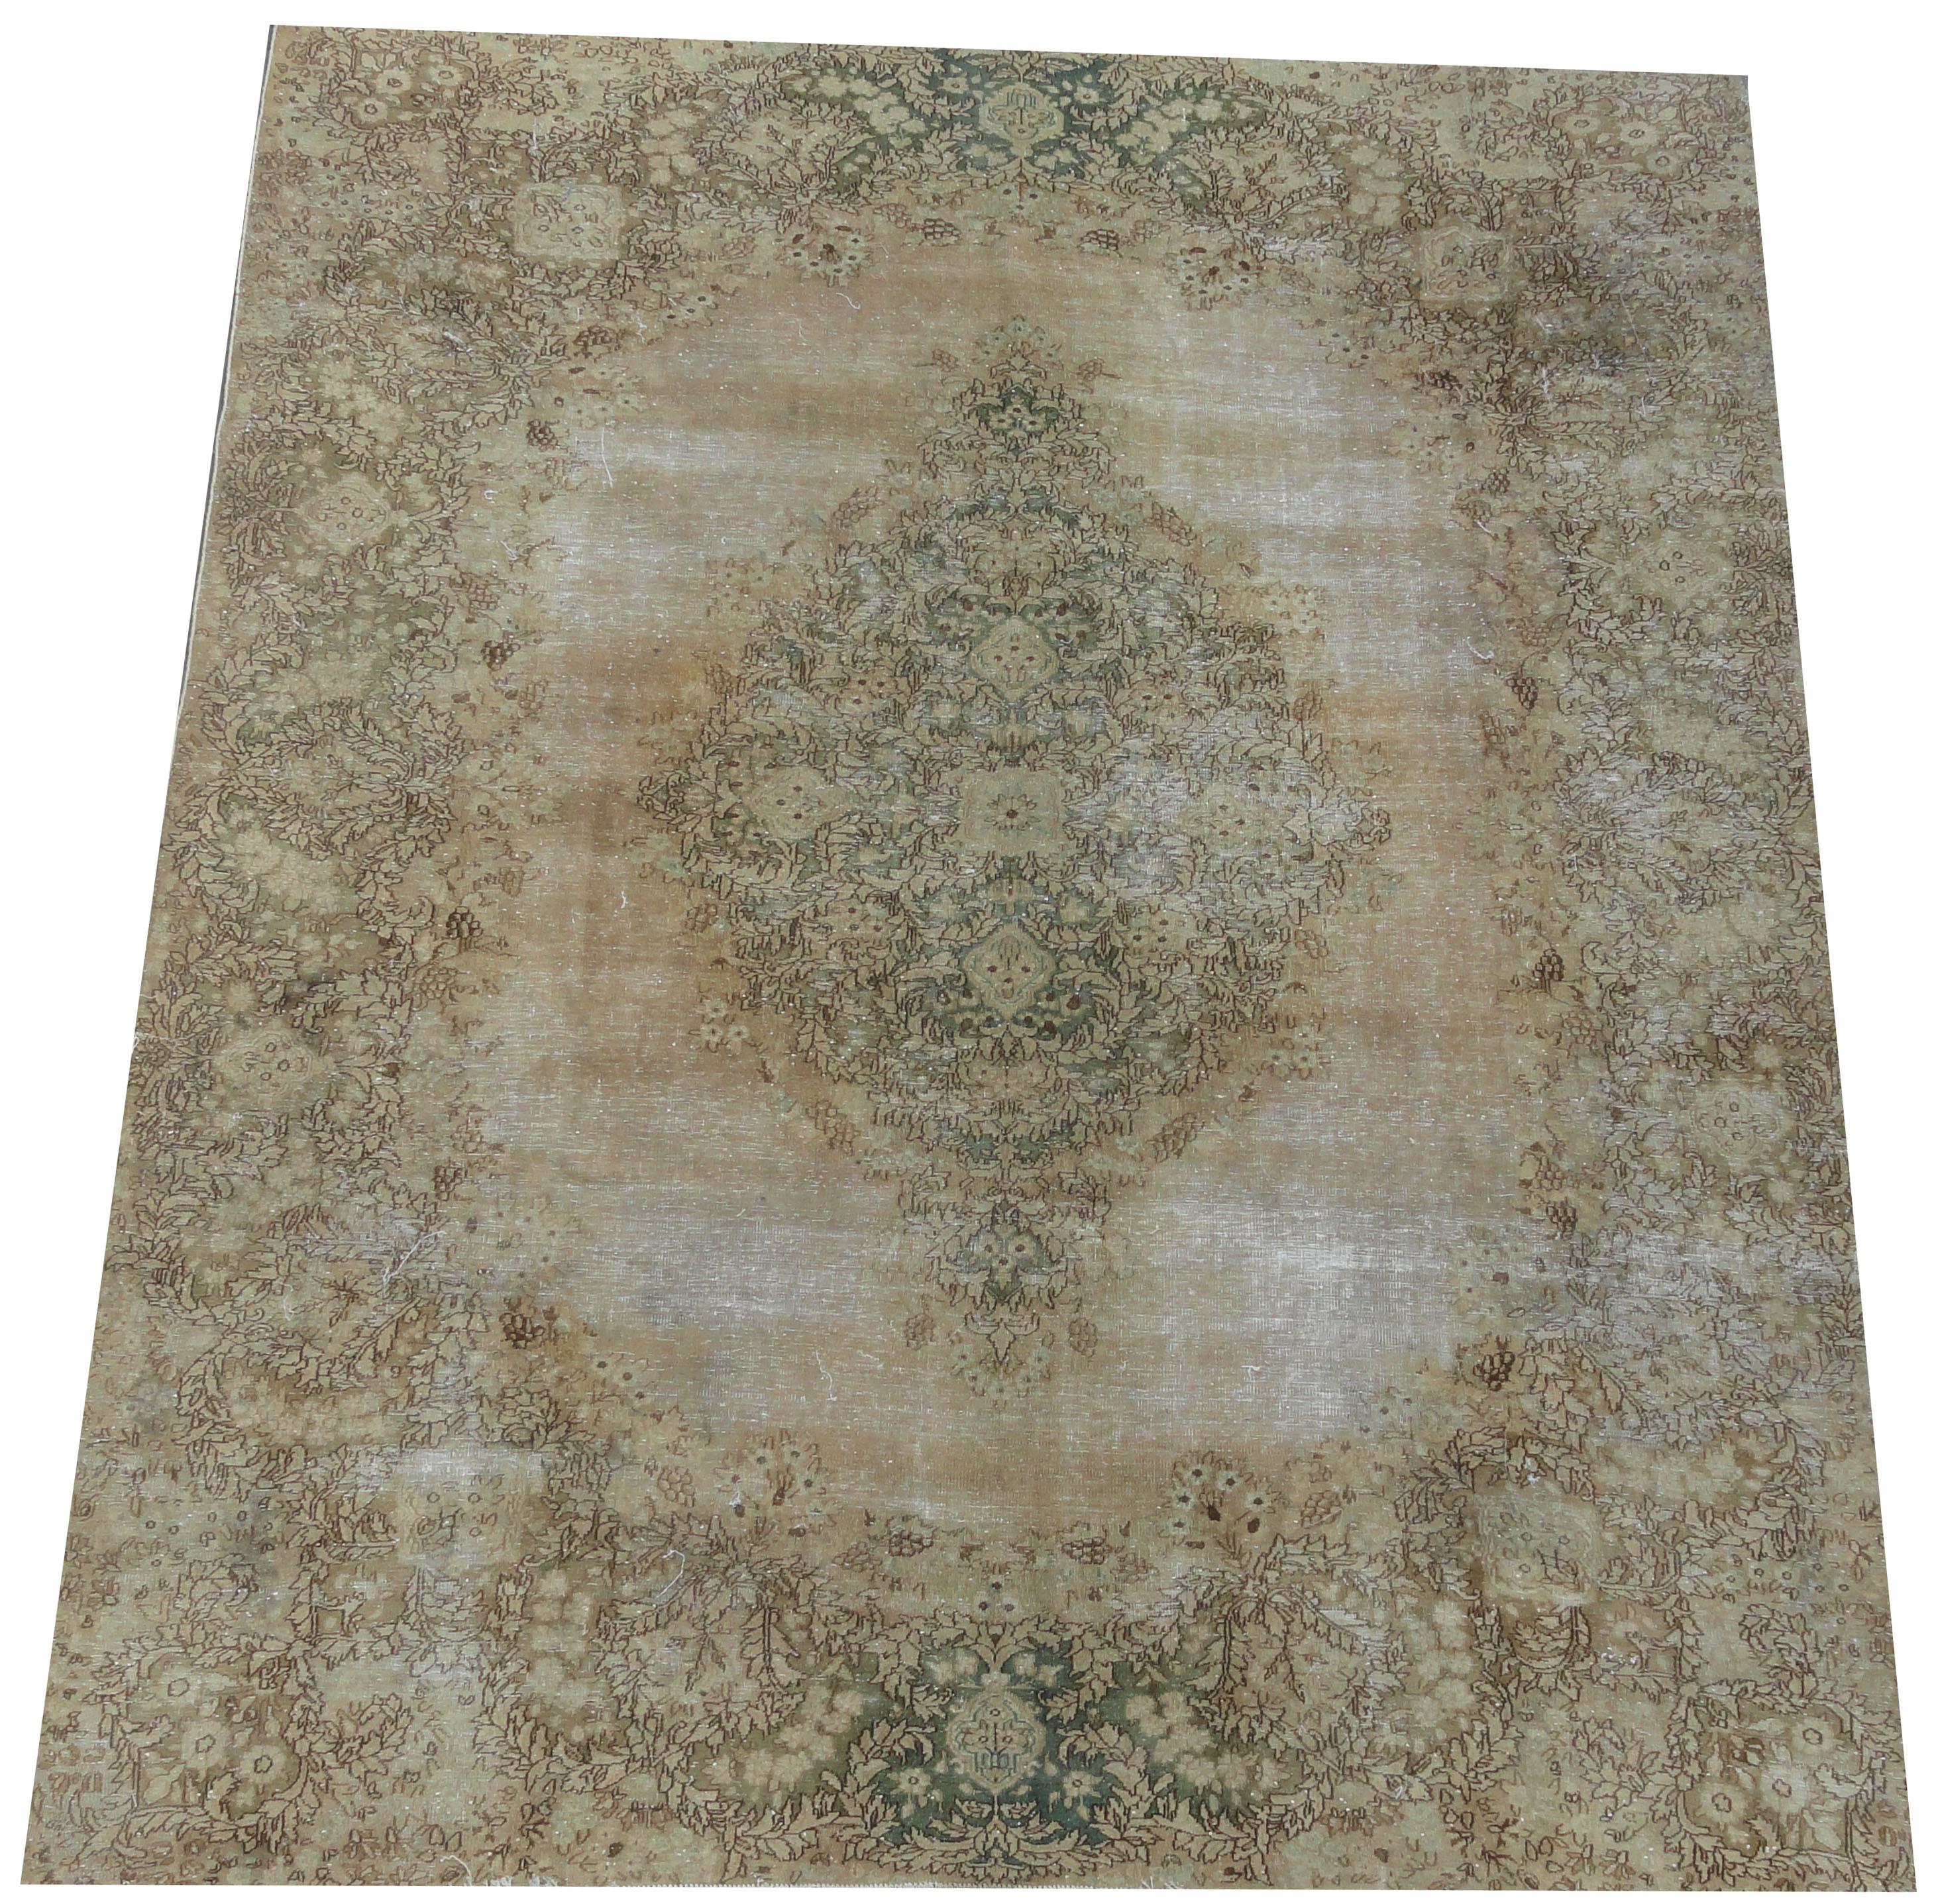 Recoloured klassiek vloerkleed nr 2230 (317cm x 245cm) tapijt wat een nieuwe hippe trendy kleur heeft gekregen.